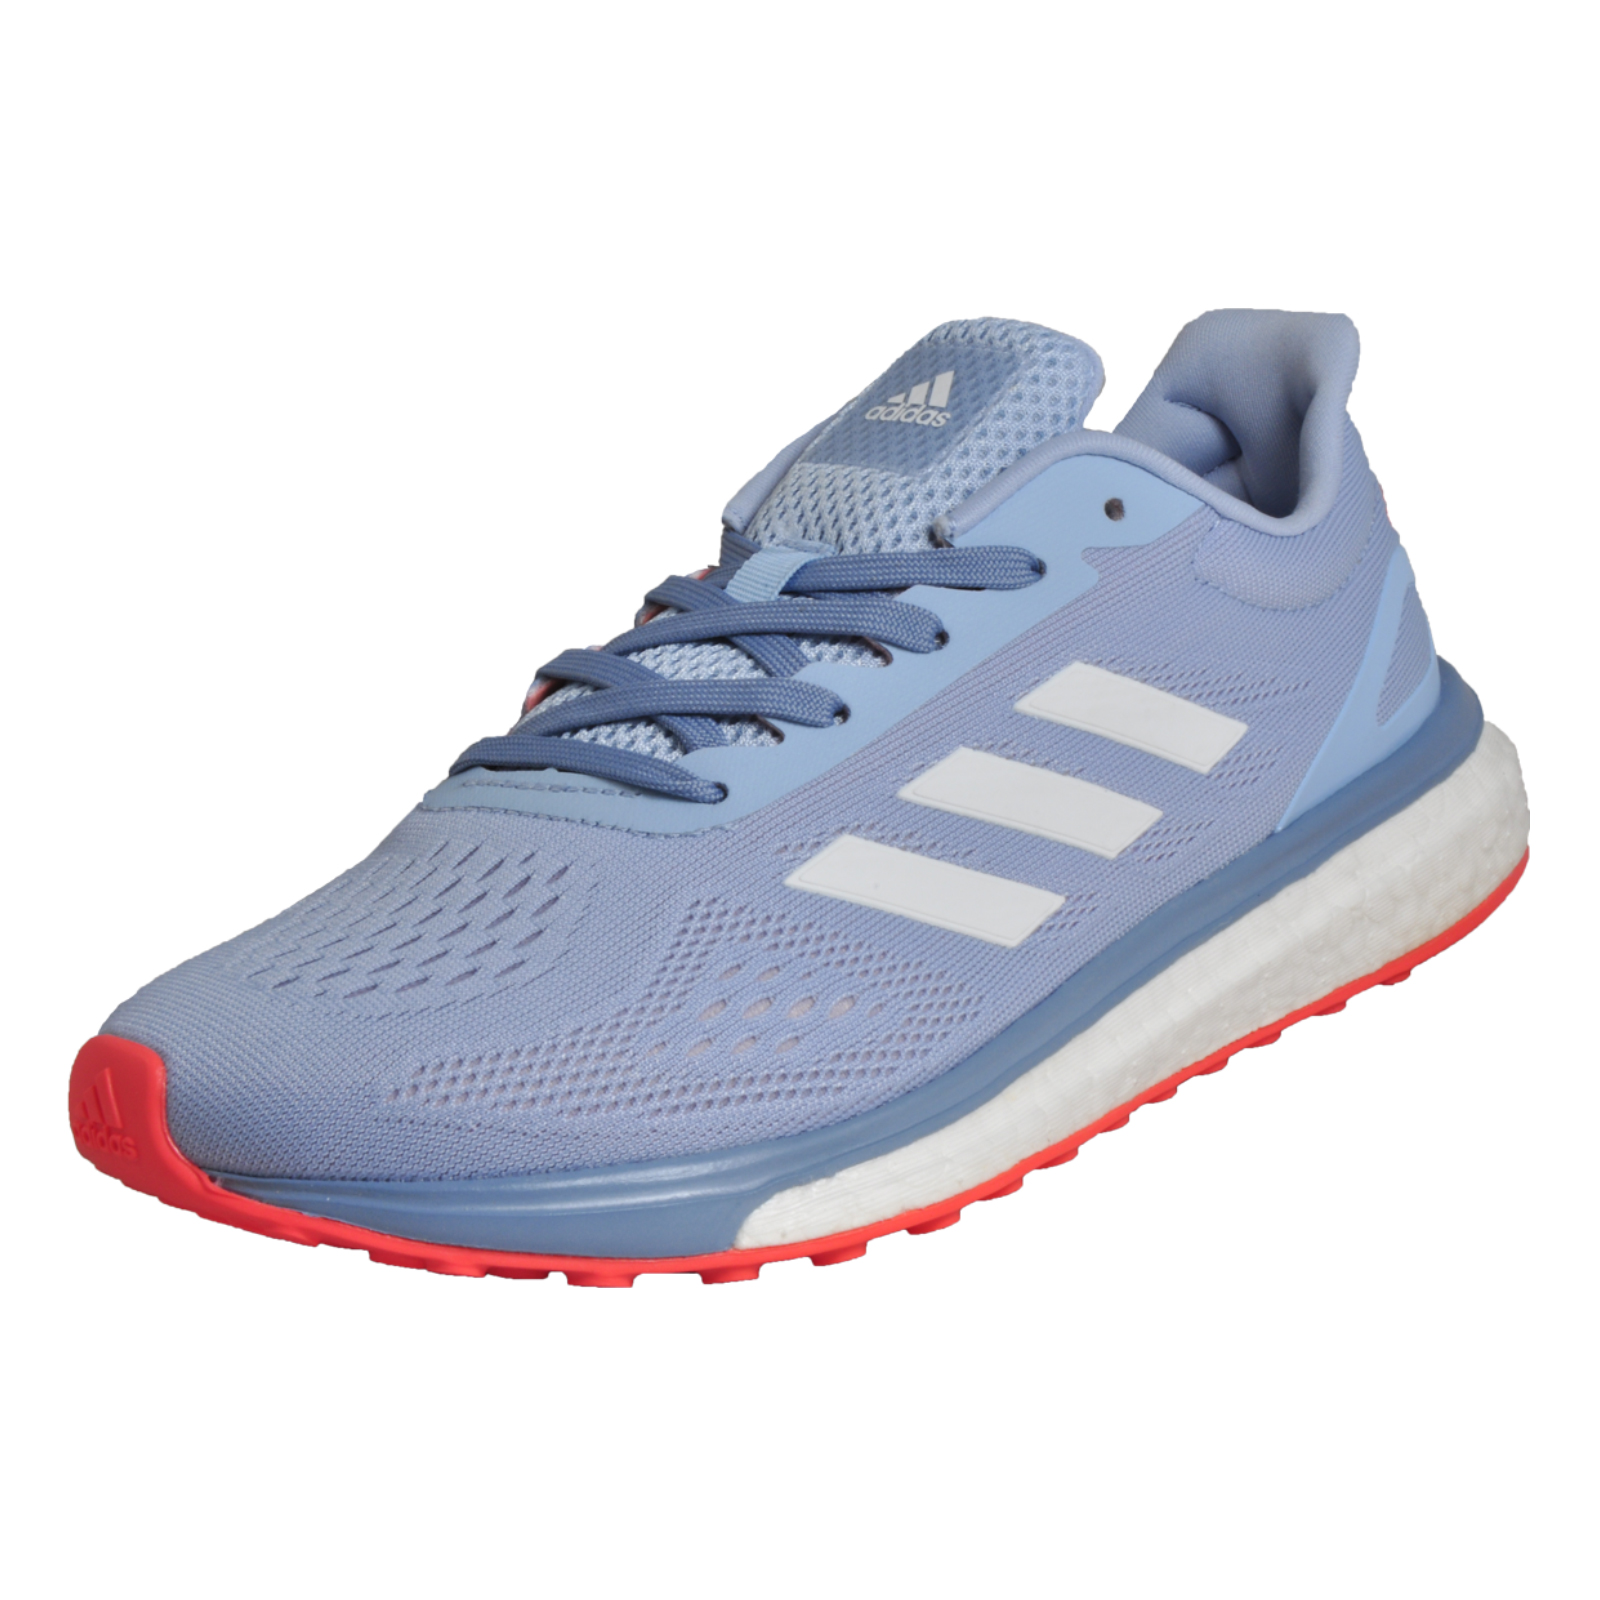 Dettagli su ADIDAS Response LT Linea Donna Scarpe Da Corsa Premium fitness da palestra scarpe da ginnastica Blue mostra il titolo originale